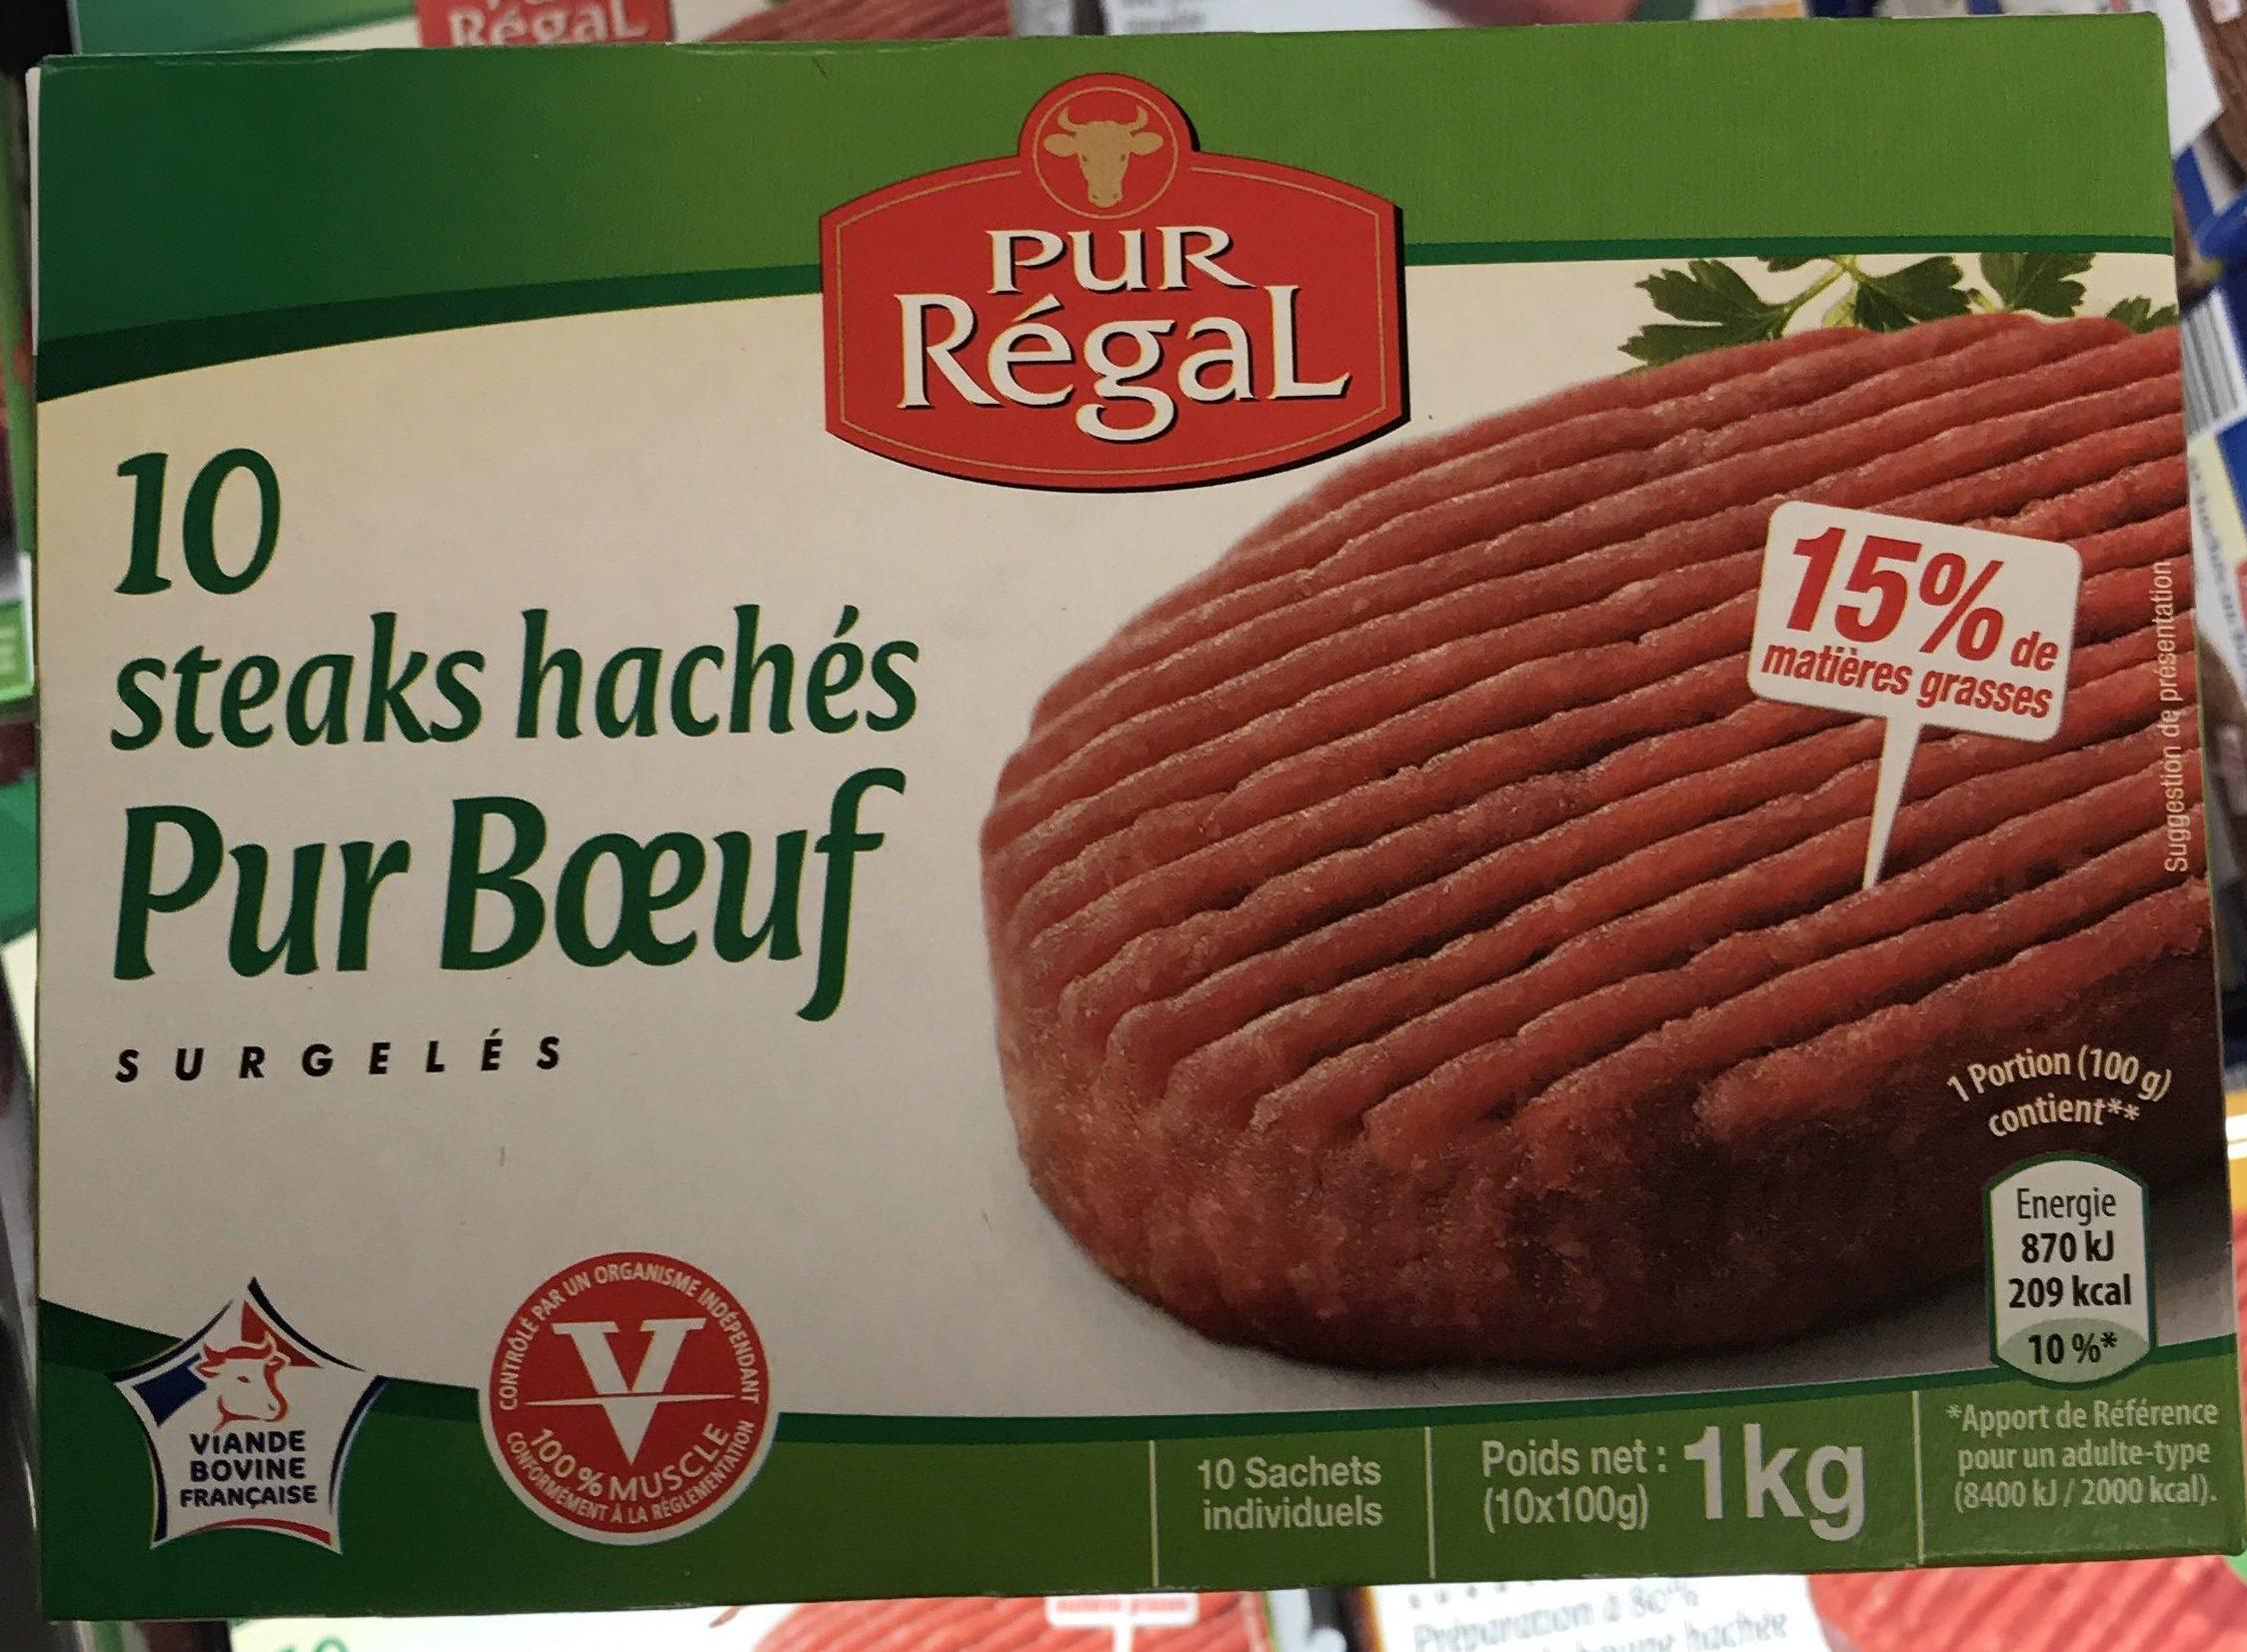 10 steaks hachés pur boeuf - Produit - fr